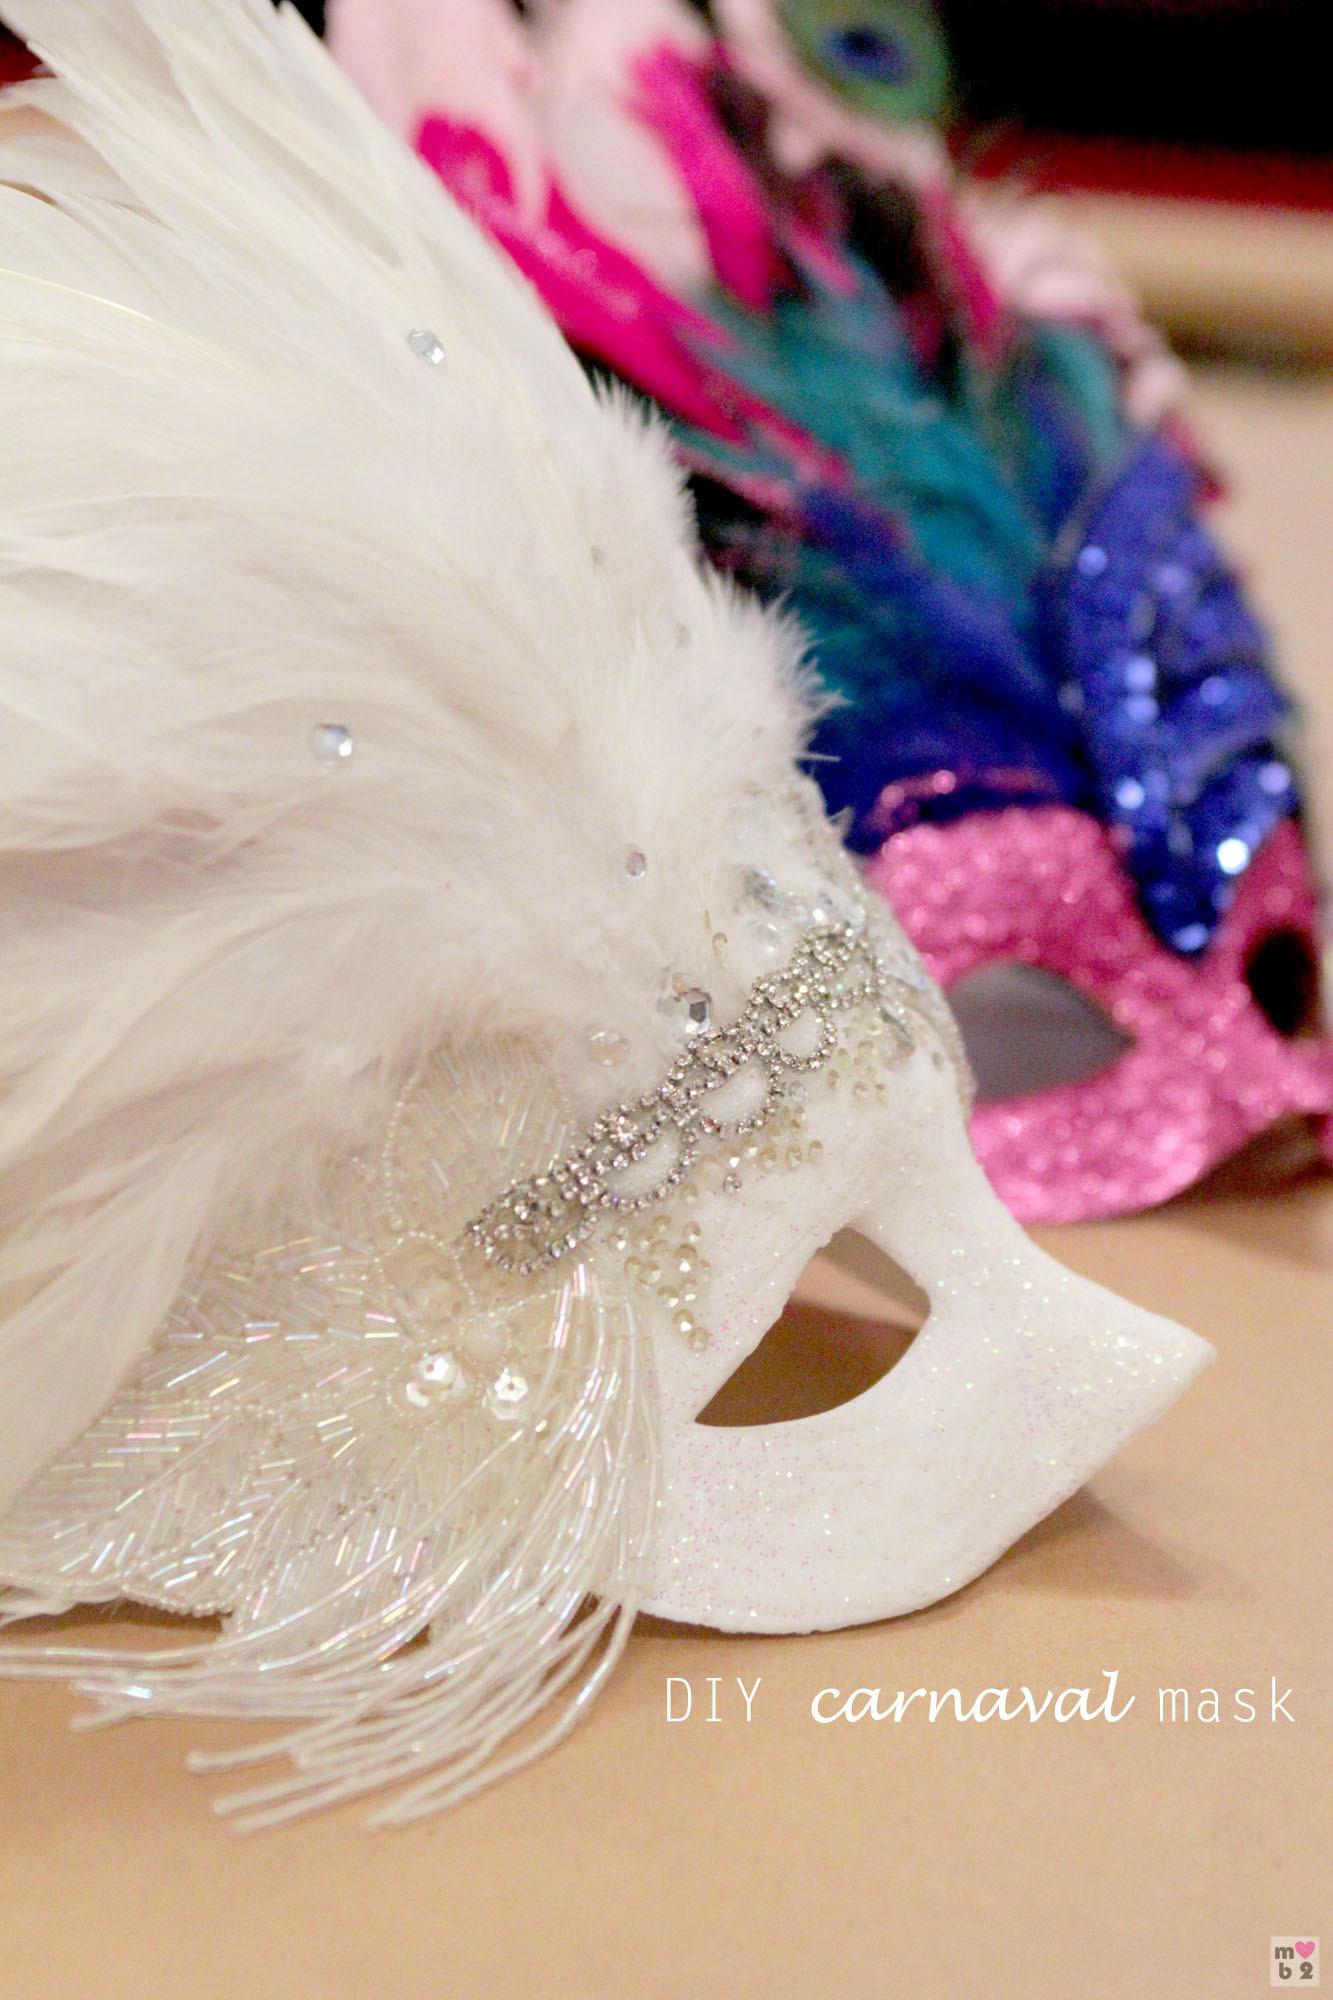 Diy Maske  DIY Carnaval Mask